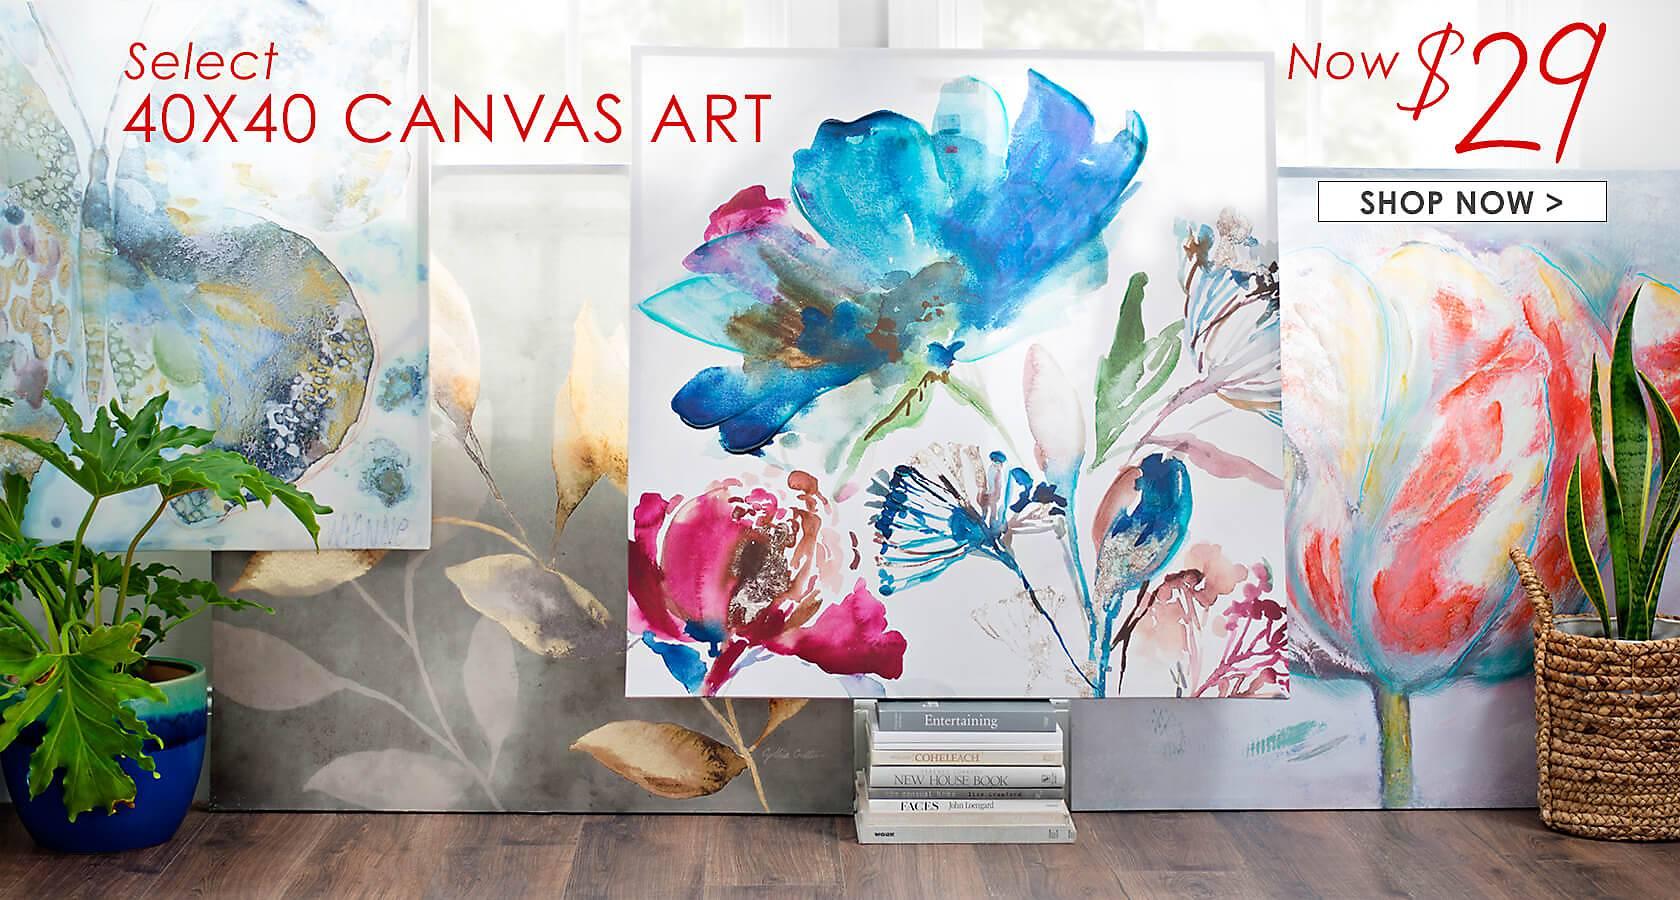 Select 40x40 Canvas Art Now $29 - Shop Now